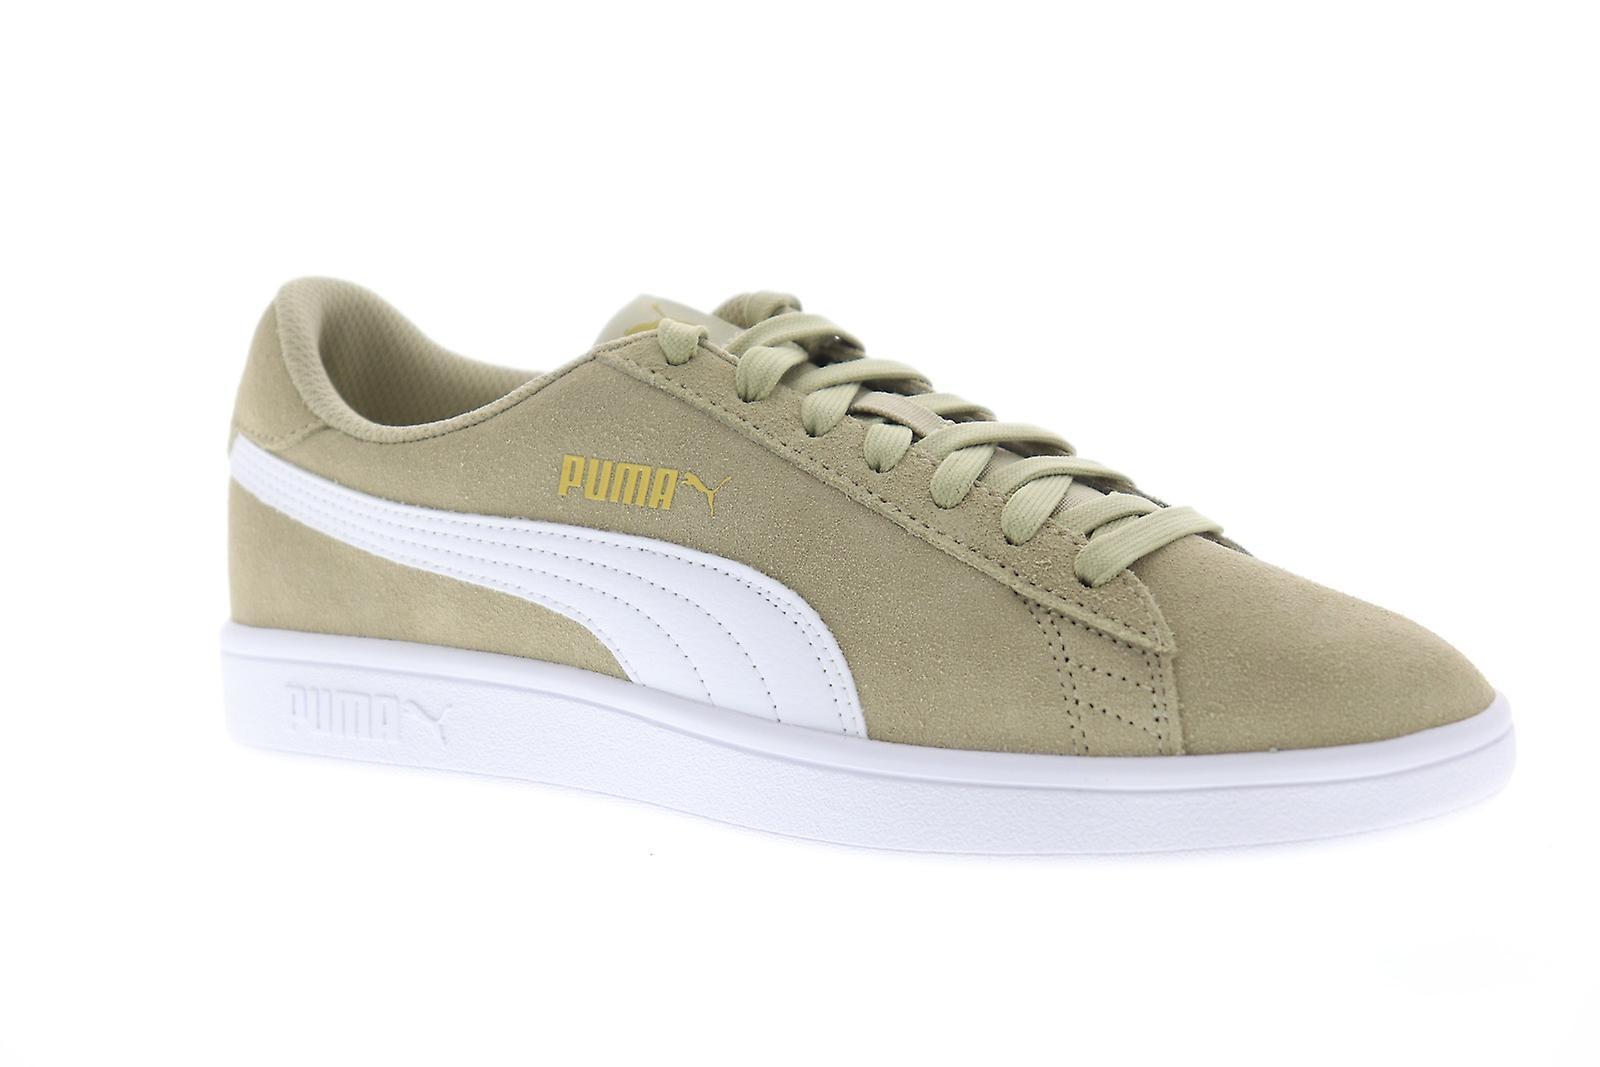 Puma Smash v2 menns grå semsket skinn klassiske blonder opp lav topp joggesko sko